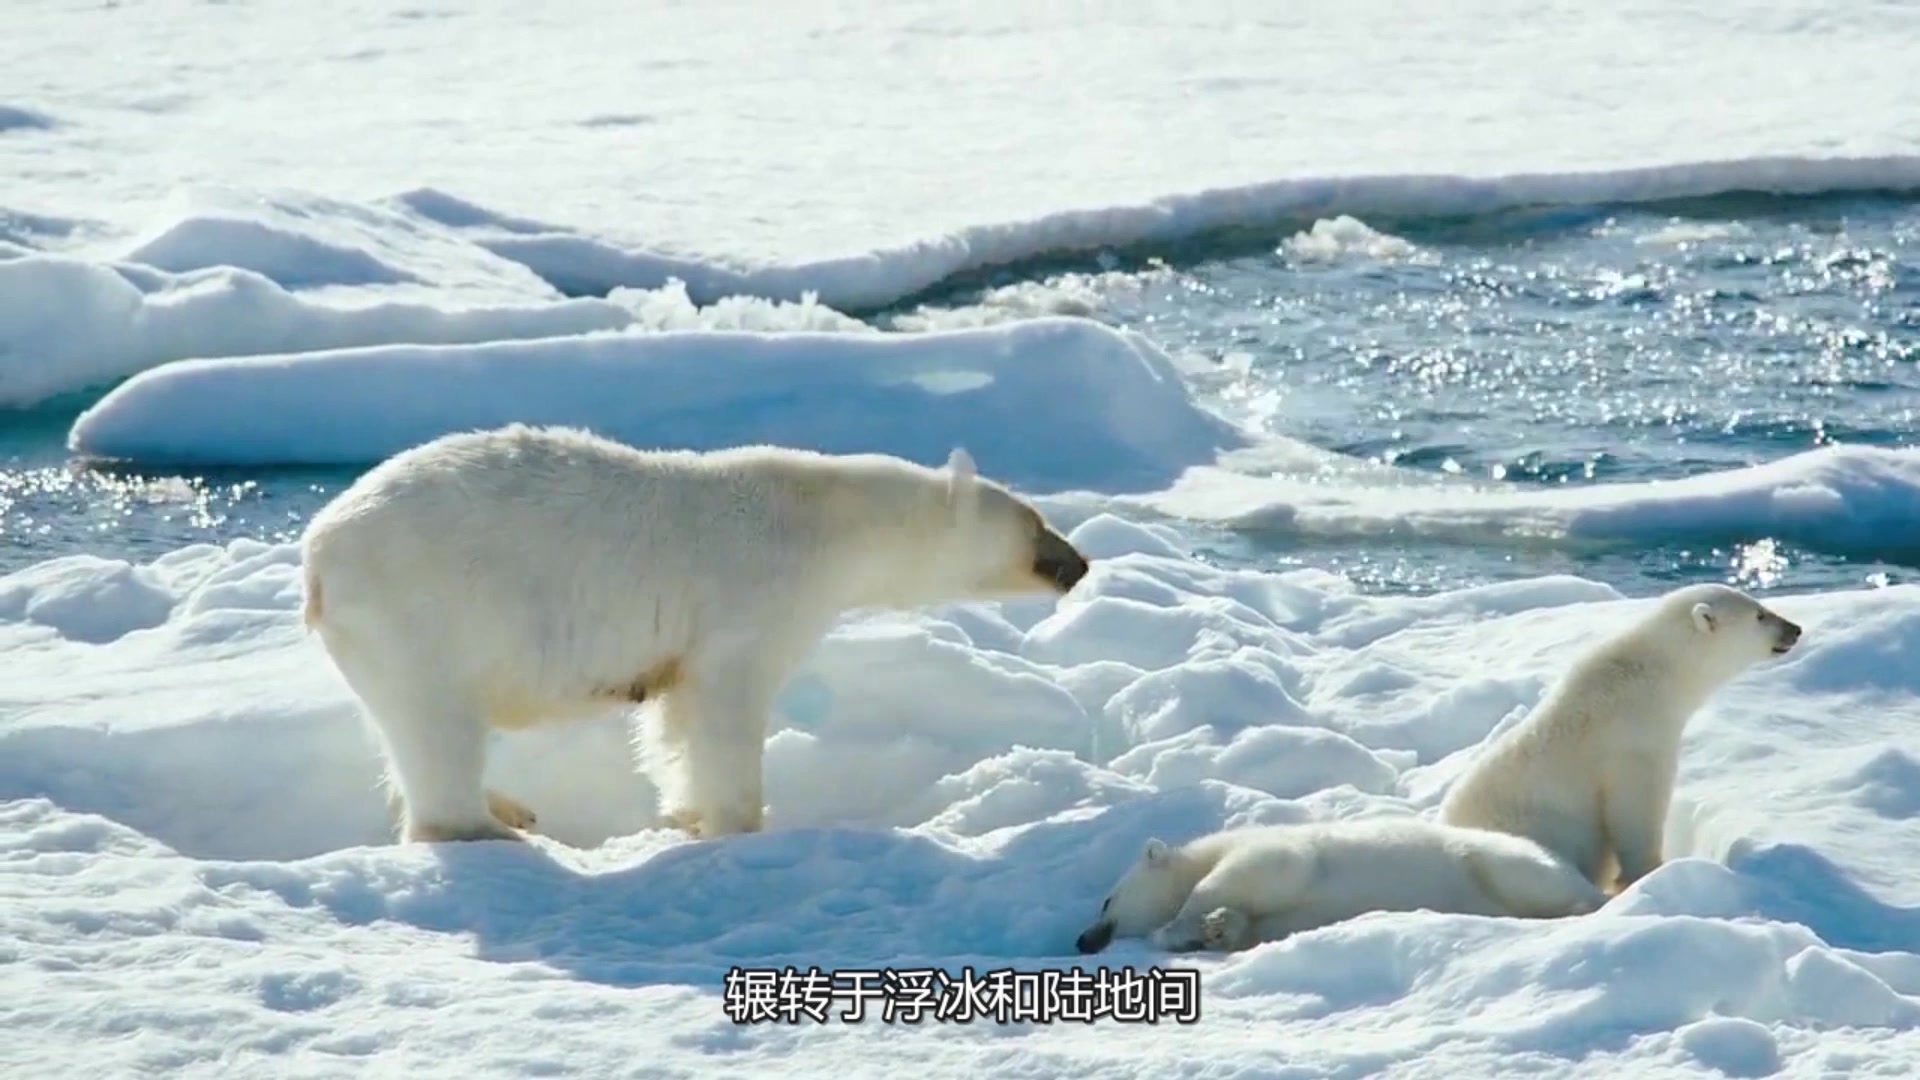 动物上最大的鸽子食肉陆地北极熊小区内可以养世界图片